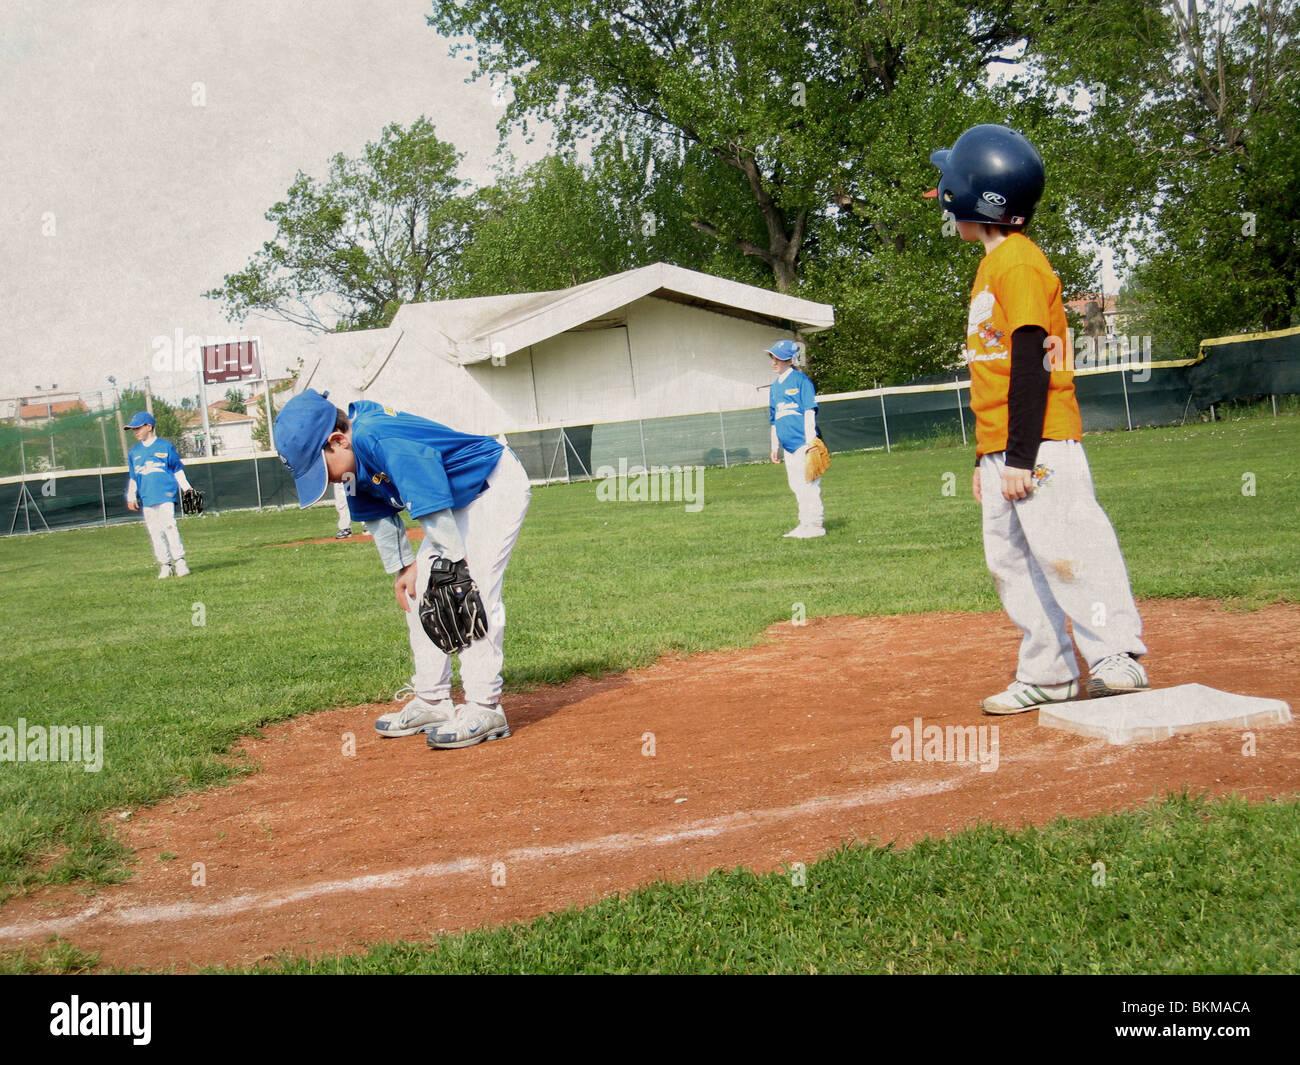 Ragazzo a giocare a baseball Immagini Stock